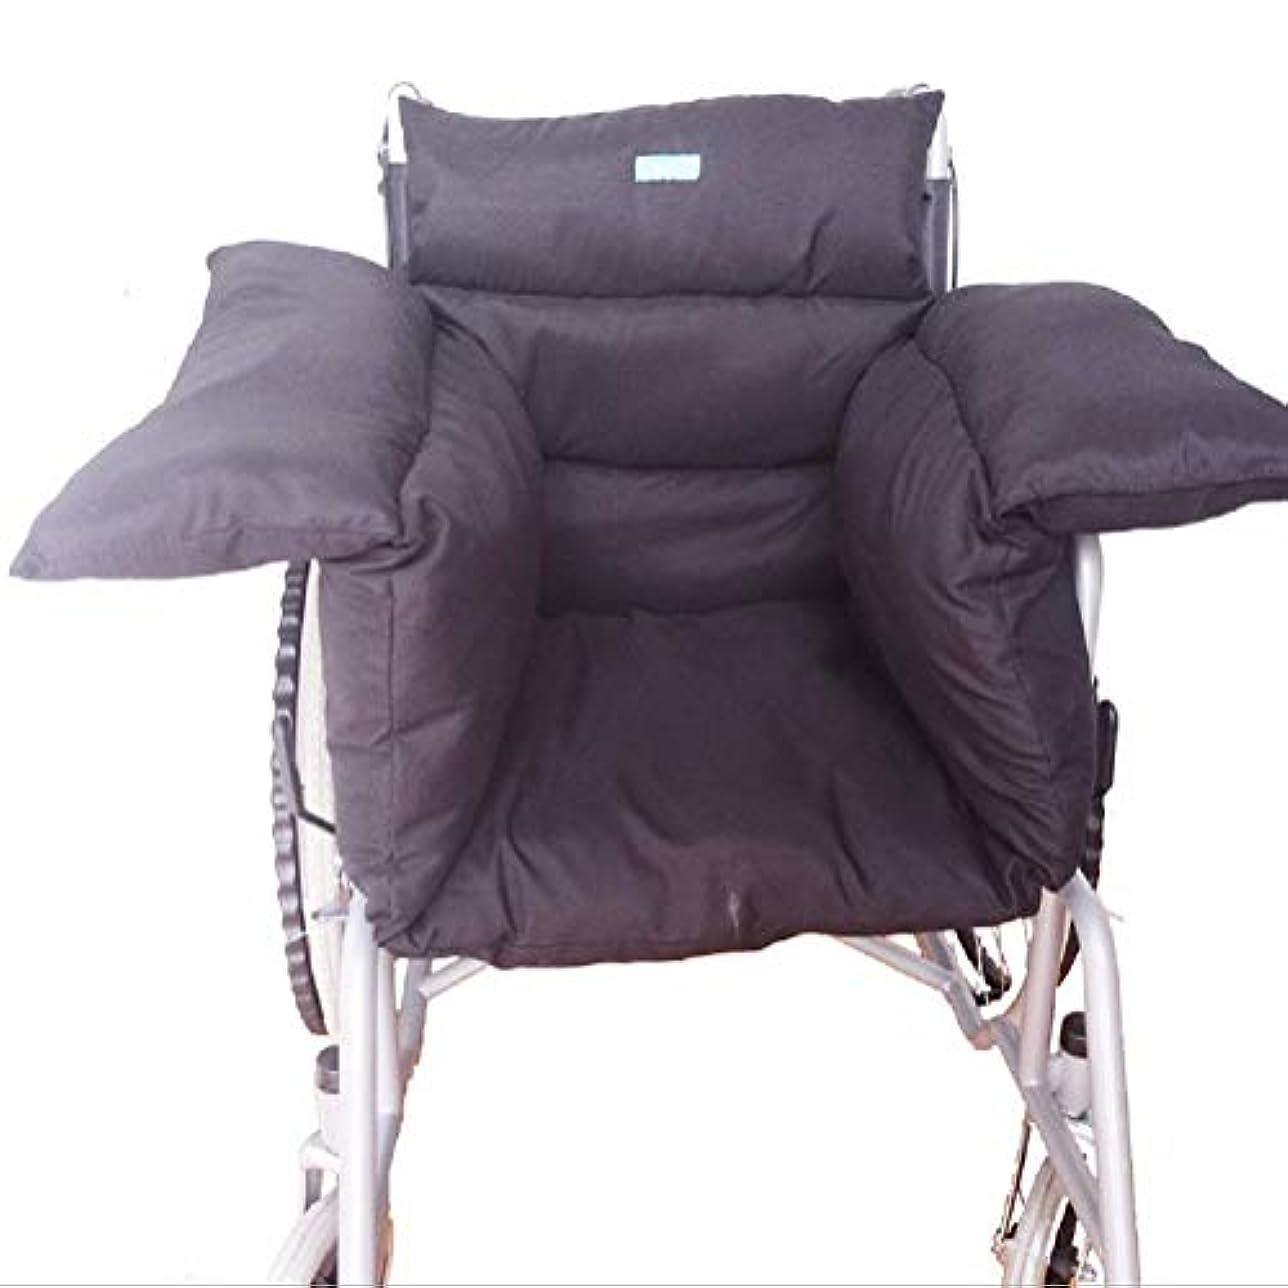 プレゼントランタン止まる車椅子用シートクッション、麻痺高齢者の長時間座っに最適、寛大なサイズ、保温性、洗える合計車椅子枕